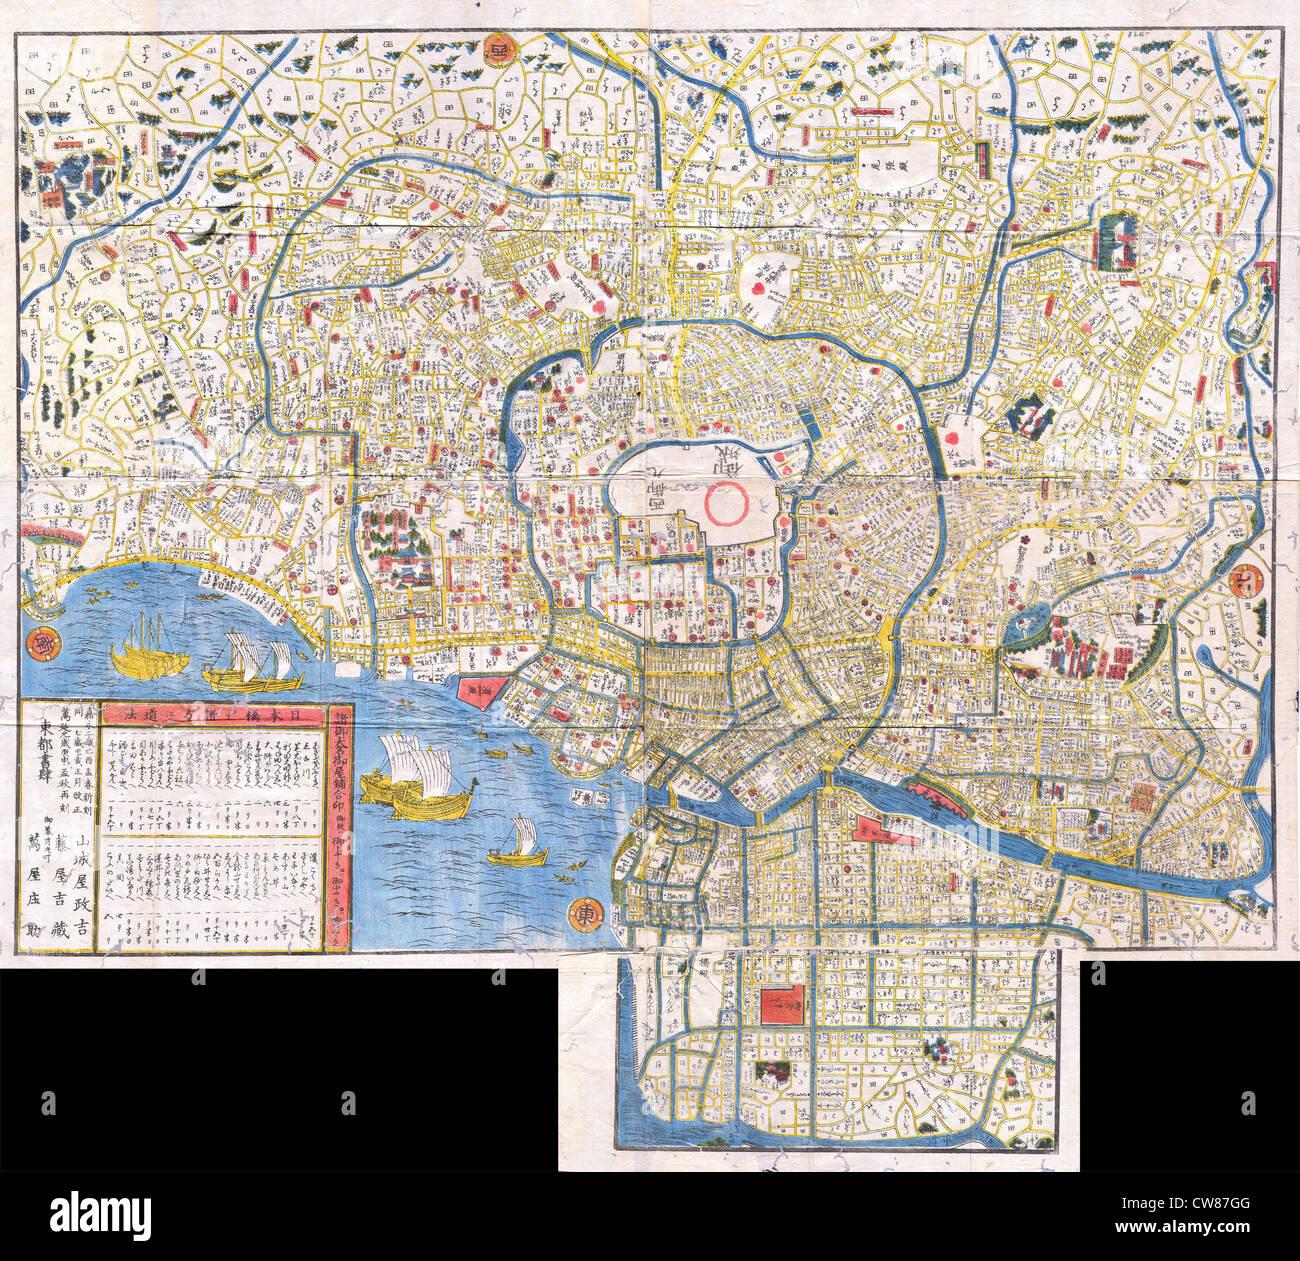 1849 Período Edo Japonês Xilogravura Mapa de Edo ou Tóquio Japão Imagens de Stock